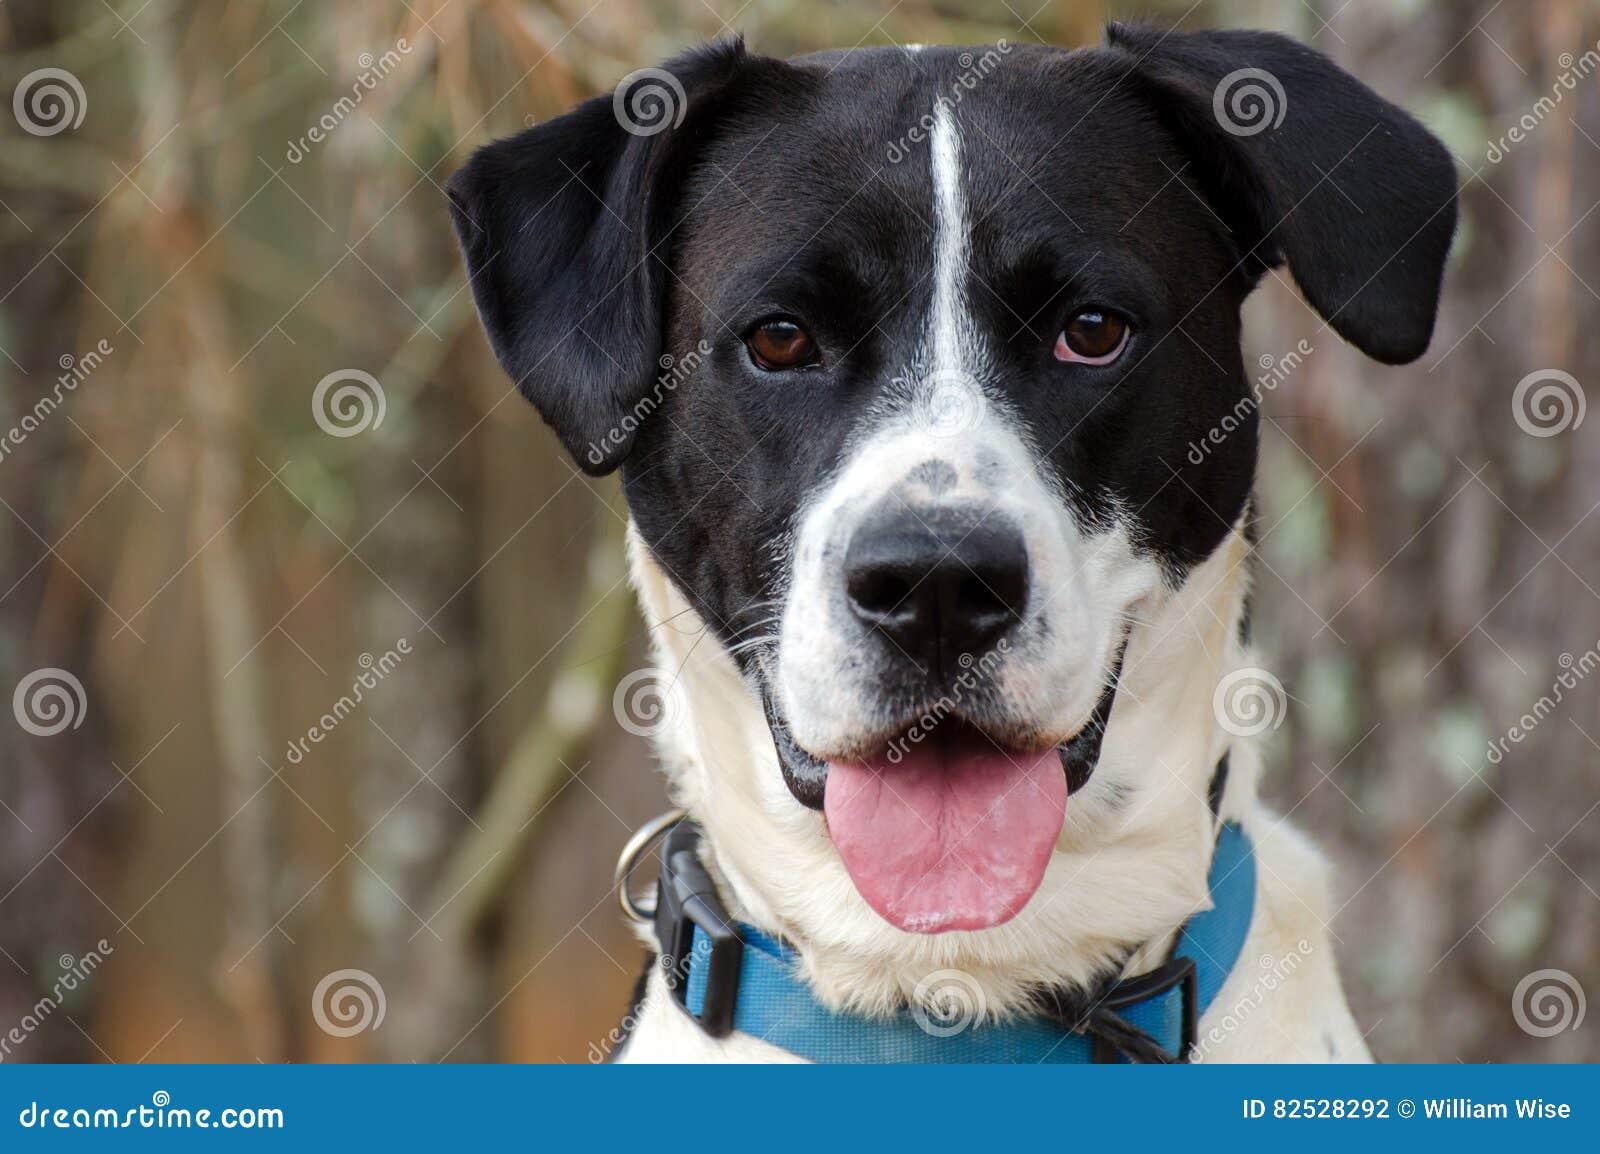 Boxer-Laborglückliche Hundezunge, Tierheim-Porträt